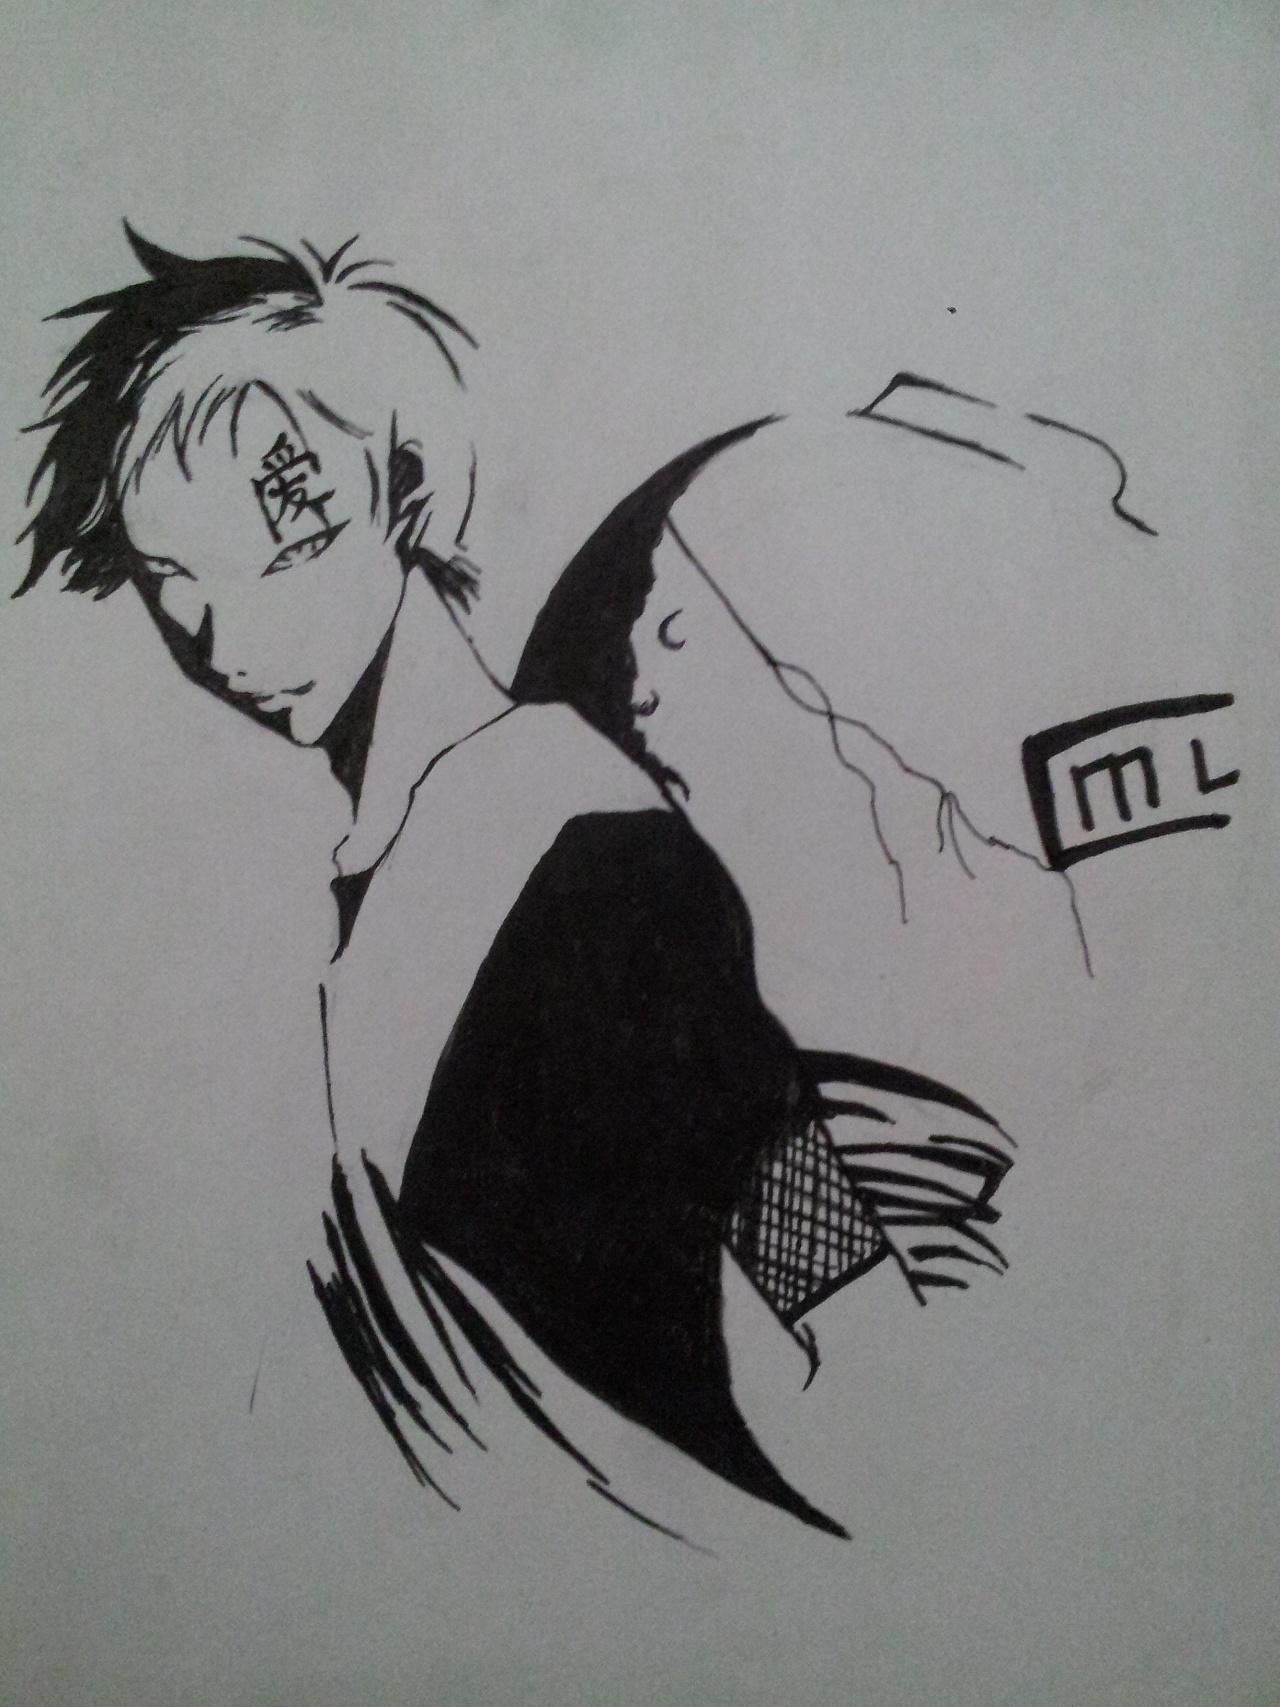 火影忍者|动漫|单幅漫画|李康逝去的青春 - 原创作品